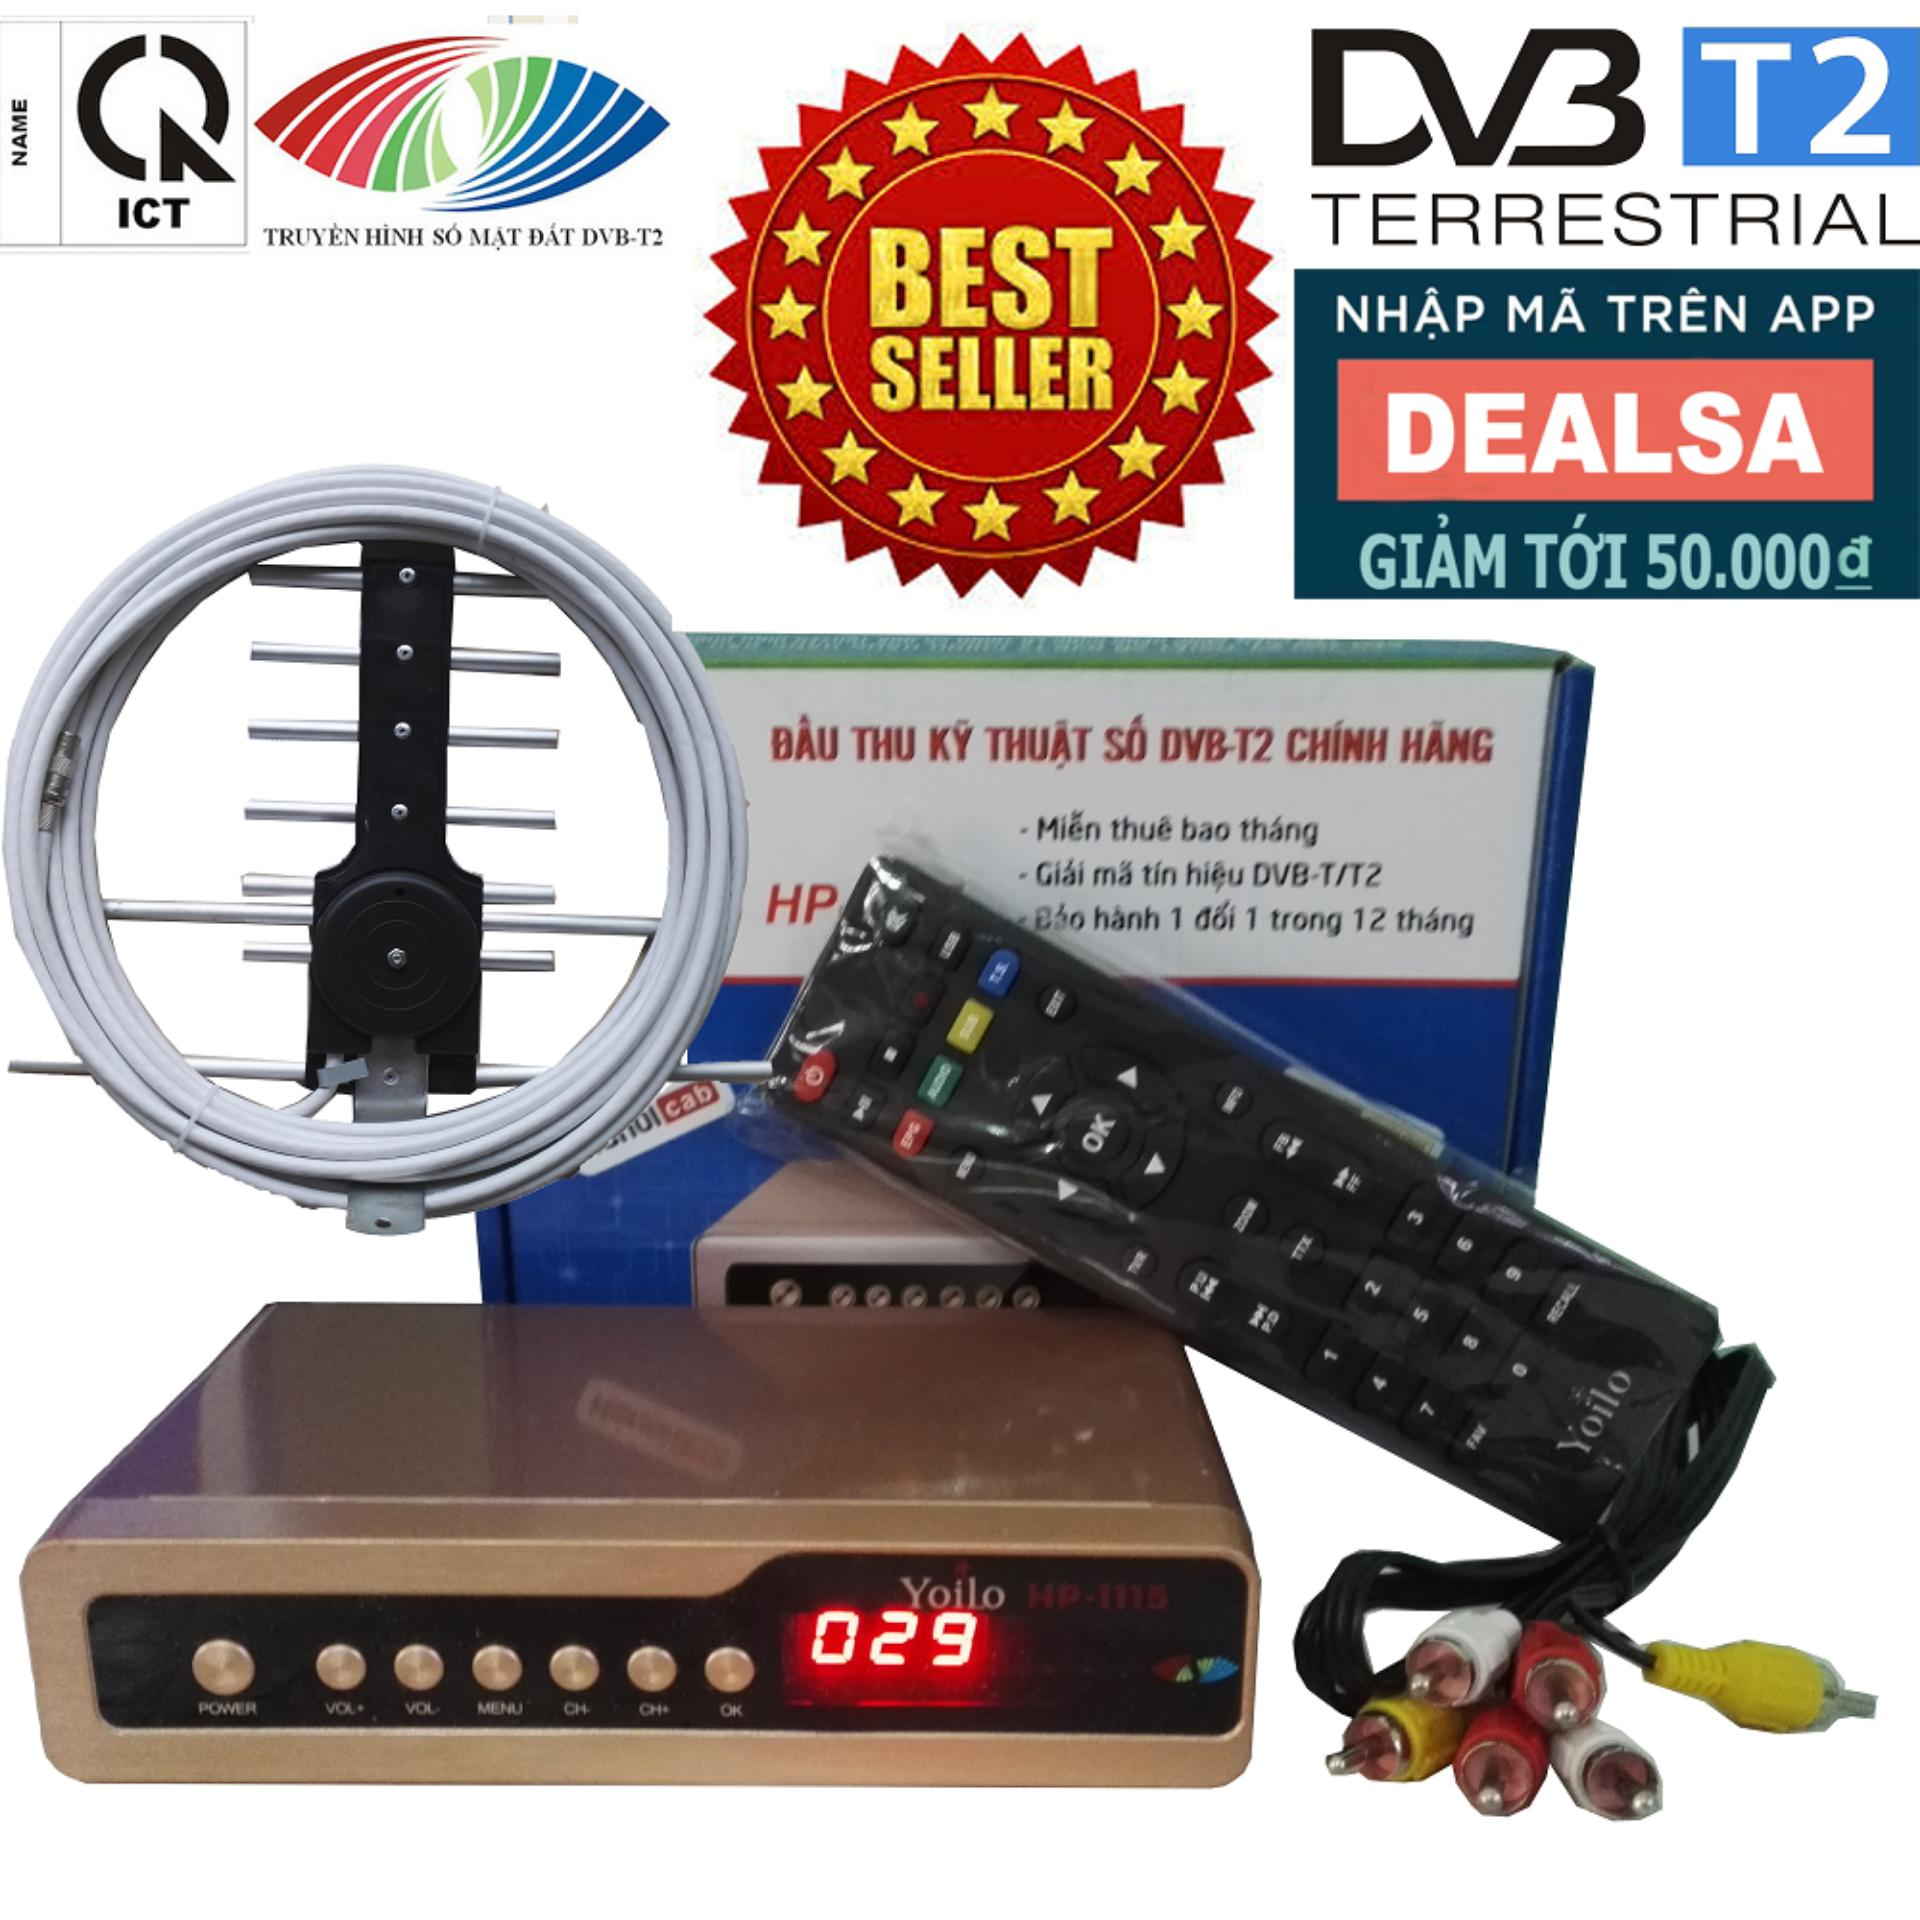 Hình ảnh Bộ đầu thu kỹ thuật số DVB-T2/HP-1115 kèm Bộ Anten thông minh + 12m dây cáp đồng trục